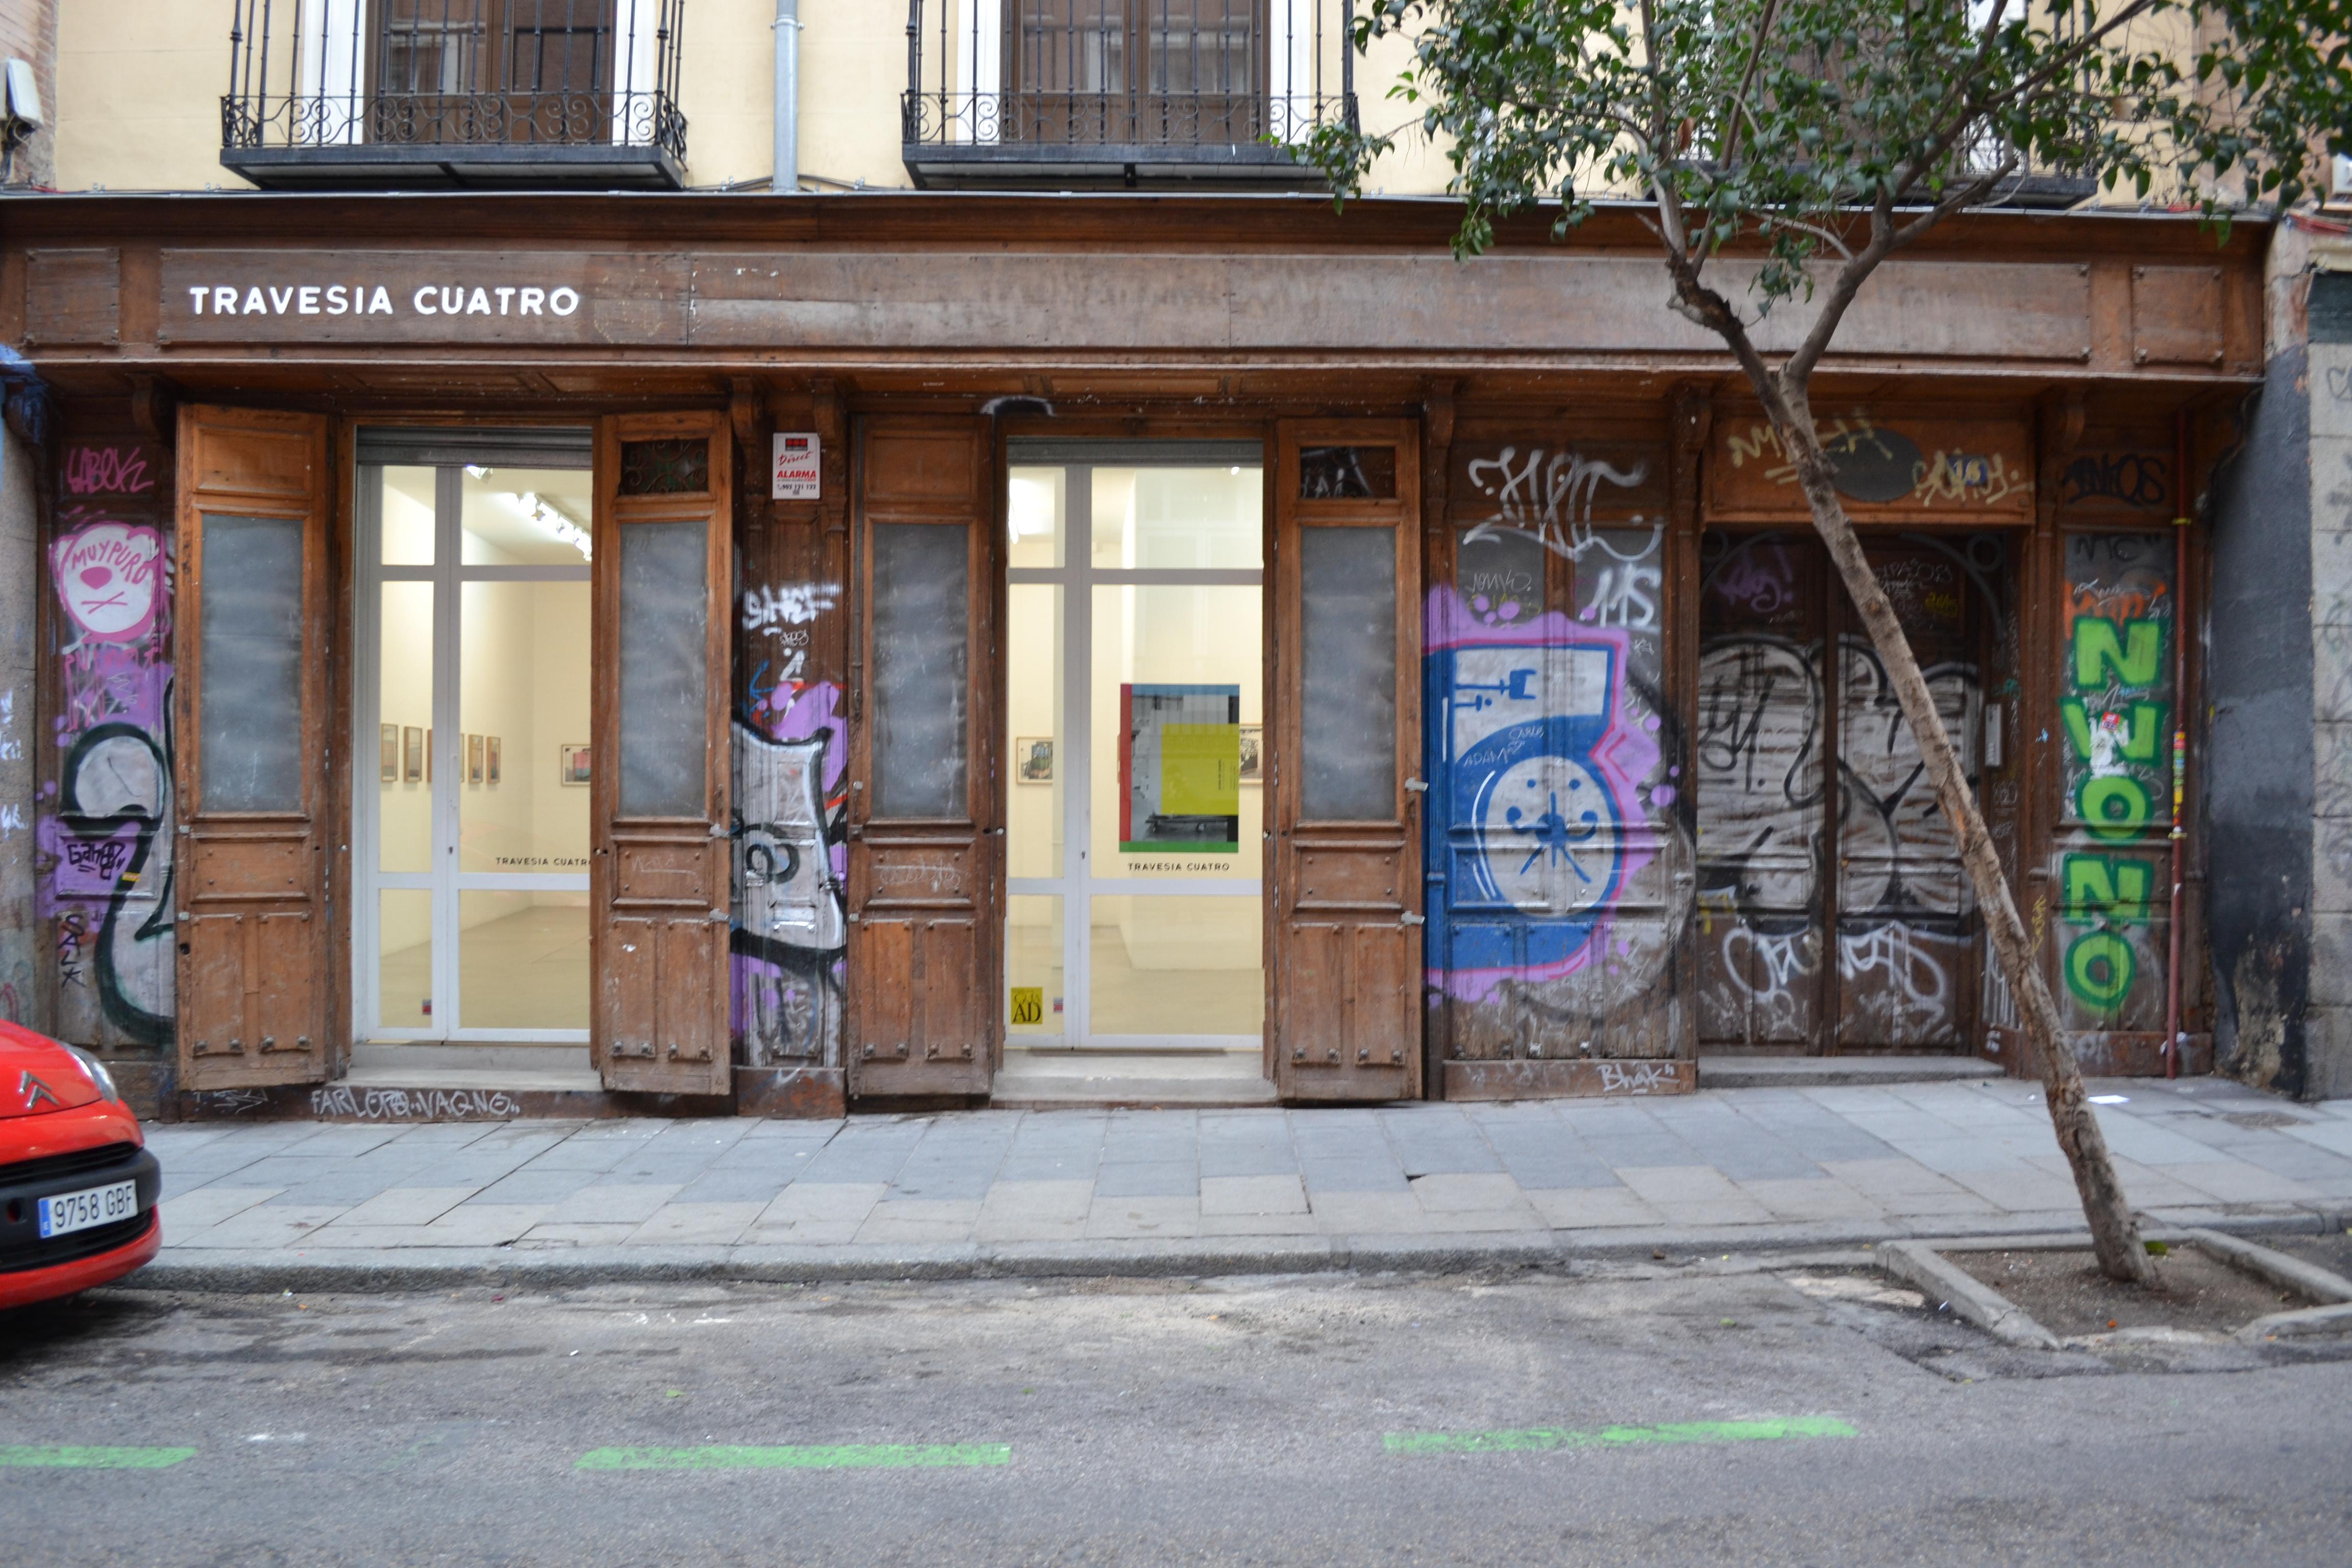 Galería Travesía Cuatro, en la calle San Mateo, 16 (Madrid). Foto: Unai Mezcua